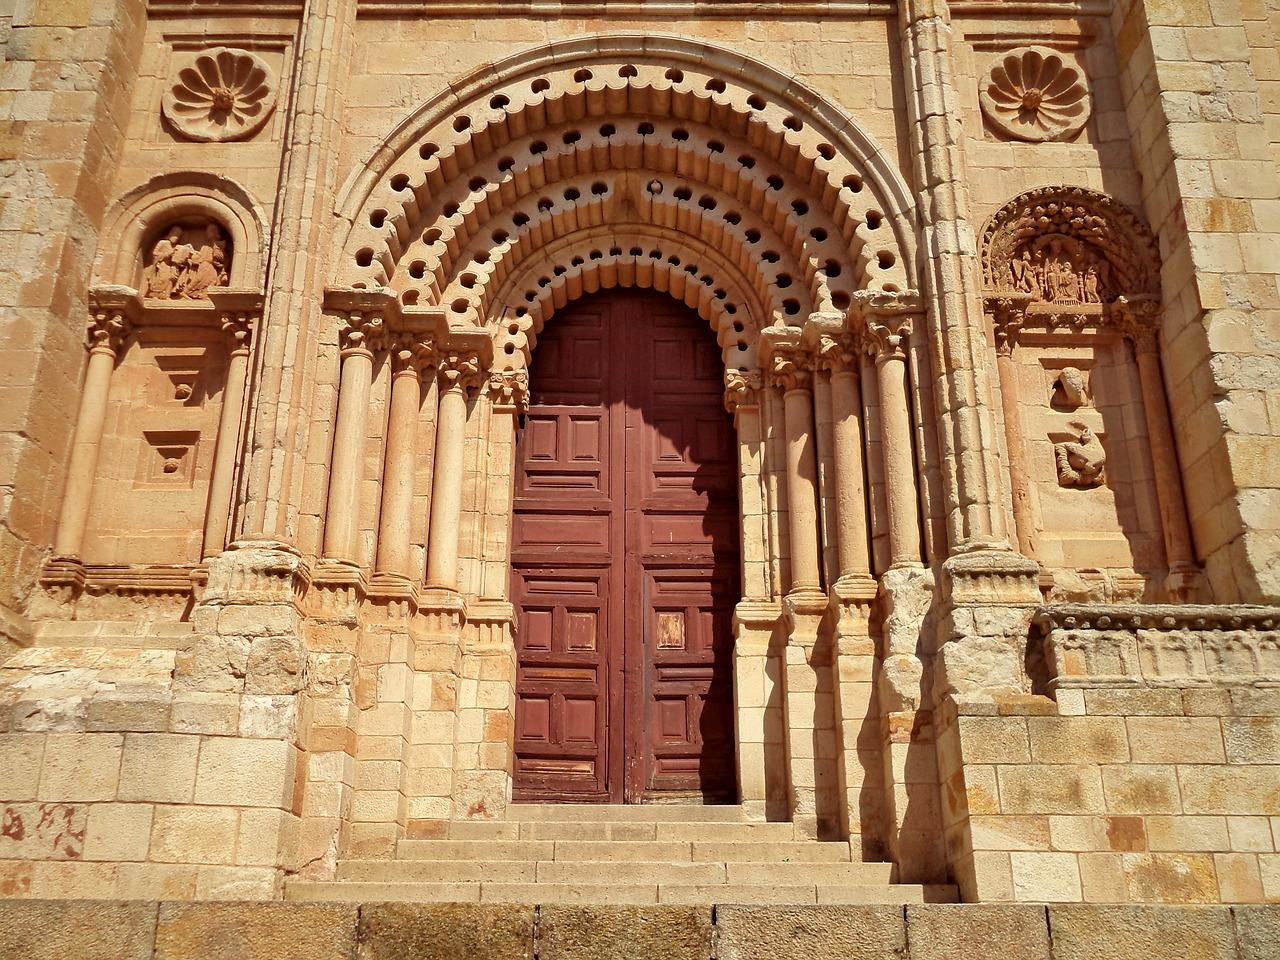 Mysticism in Castile Y Leon